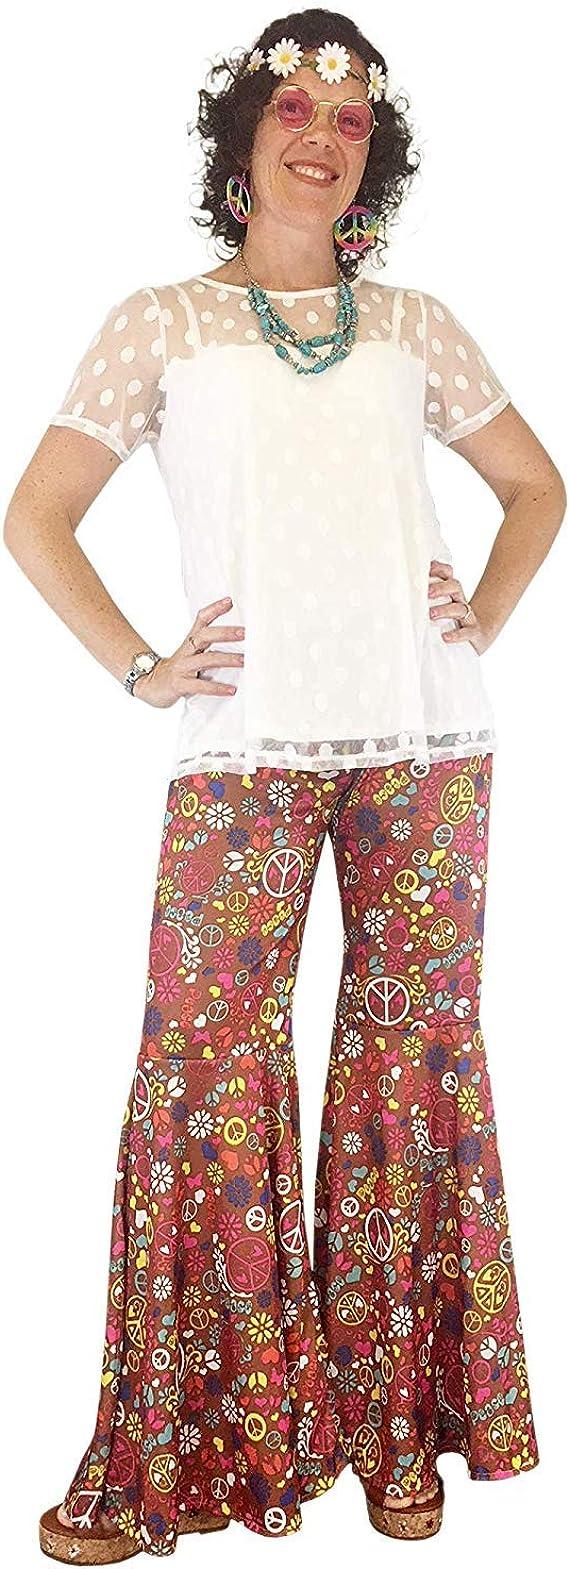 Amazon.com: Groovy - Pantalones de disfraz de campana de los ...